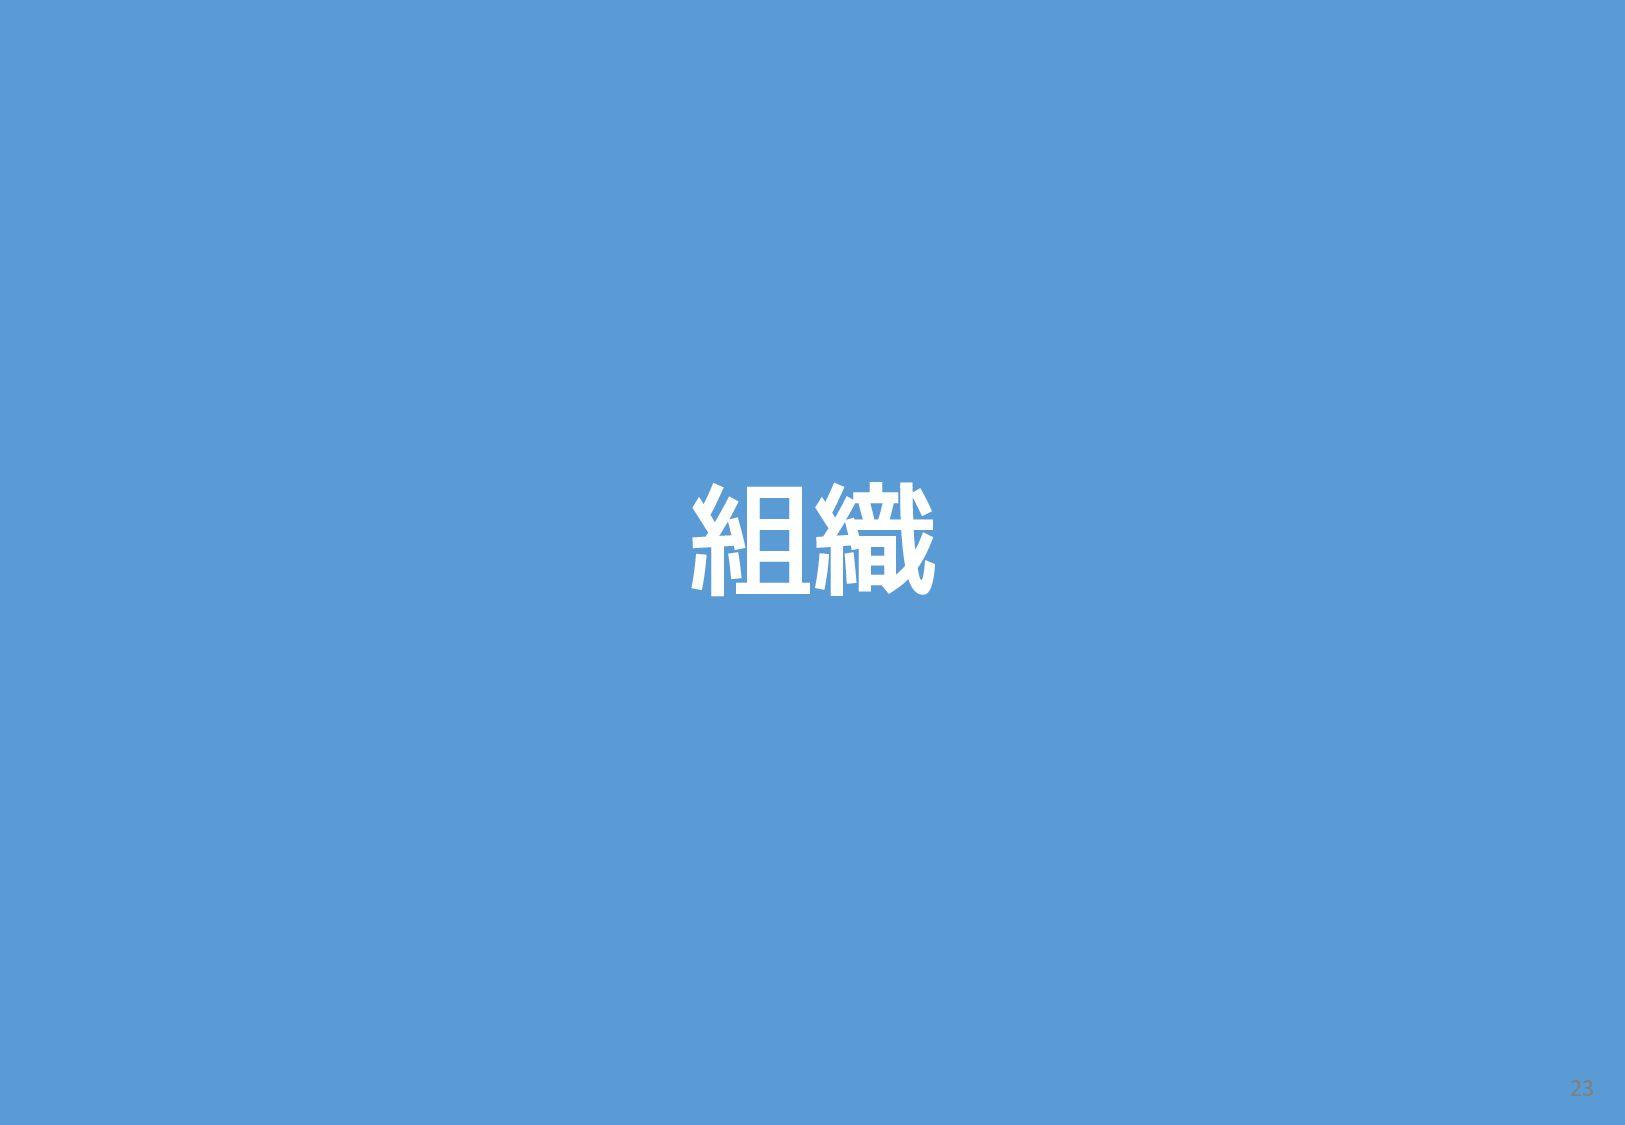 カスタマーサクセス フロント組織 23 Enterprise 領域 FS (多店舗) Insi...